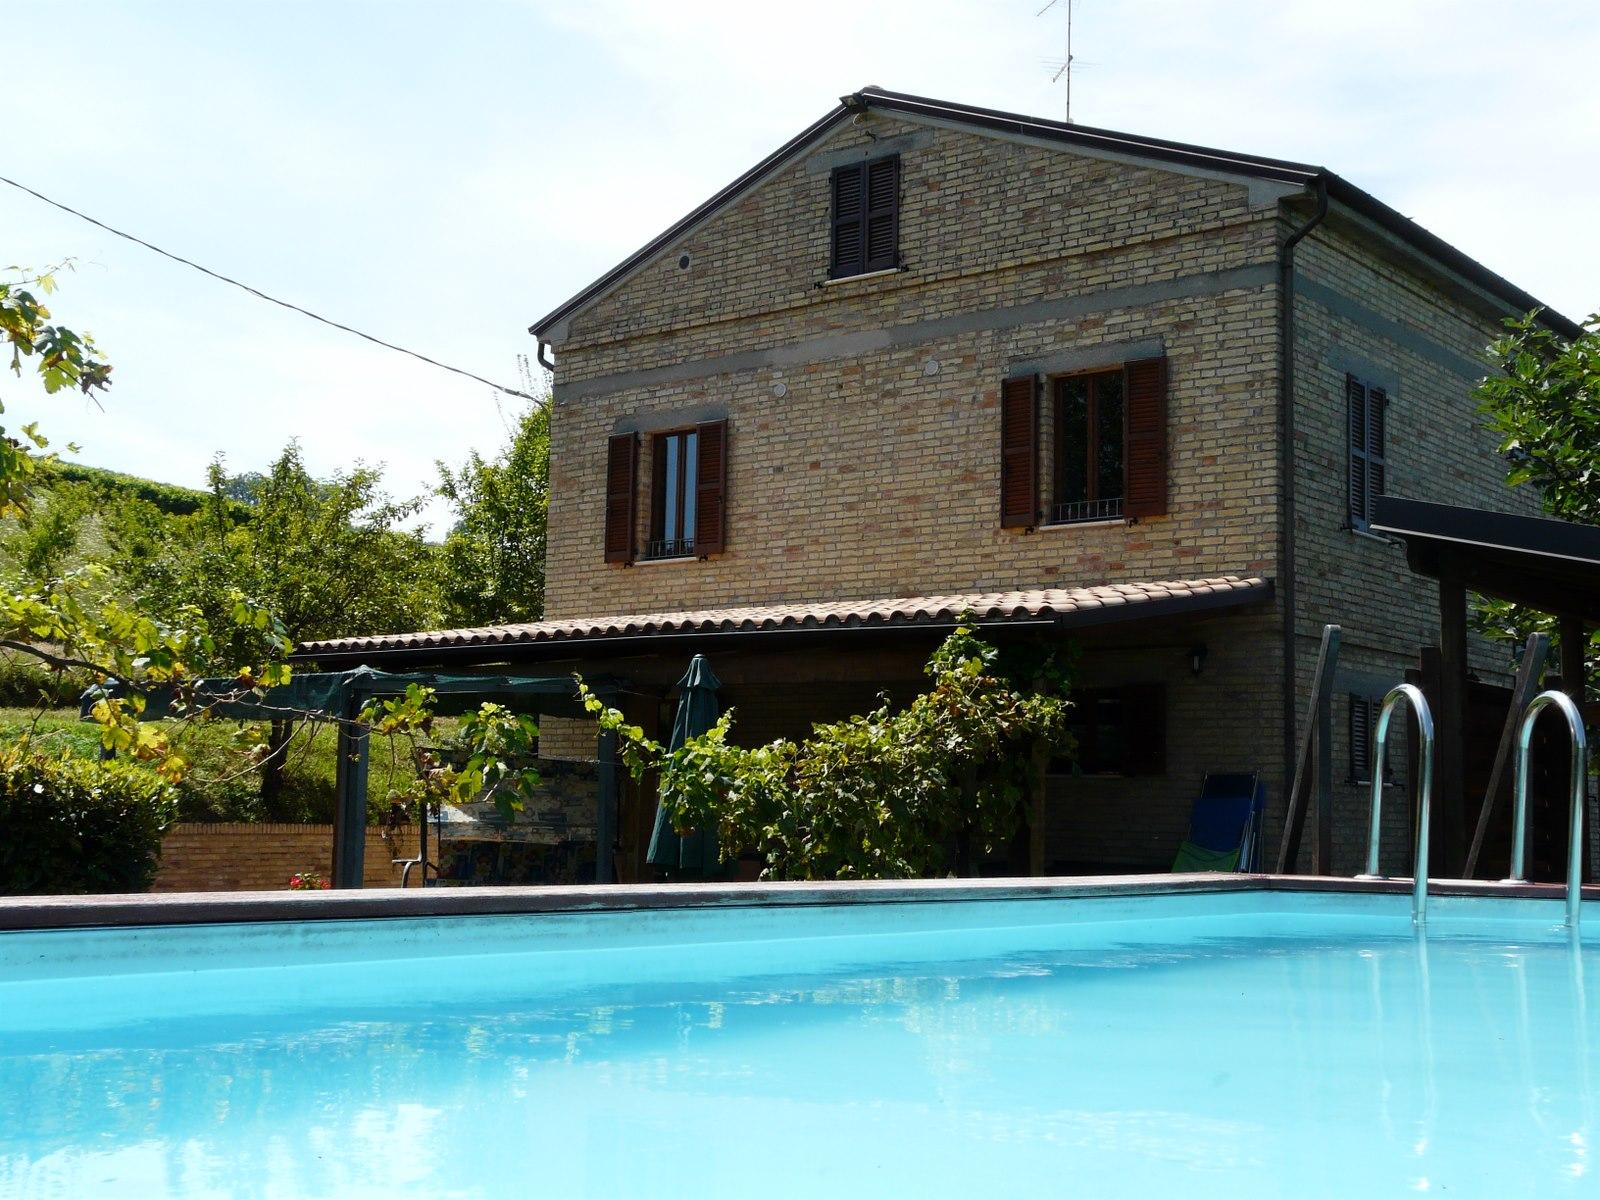 Ferienhaus La Priora (870401), Montedinove, Ascoli Piceno, Marken, Italien, Bild 1